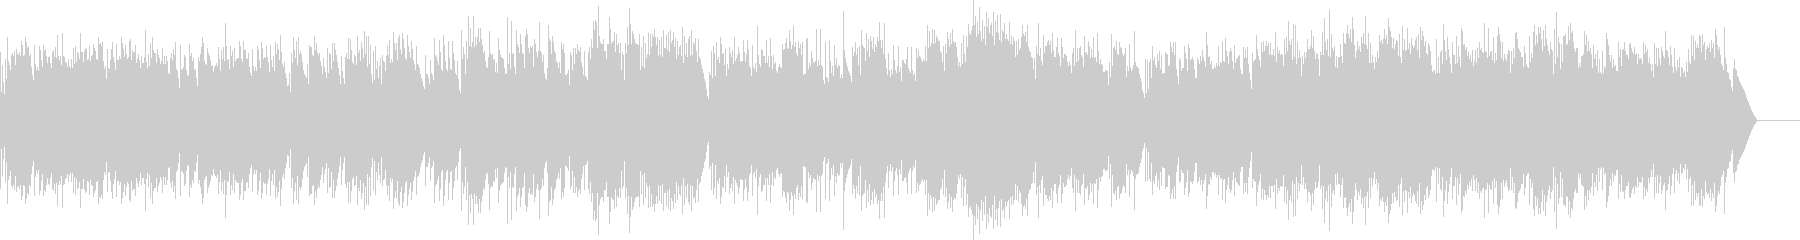 アイネクライネ 第4楽章 (オルゴール)の未再生の波形